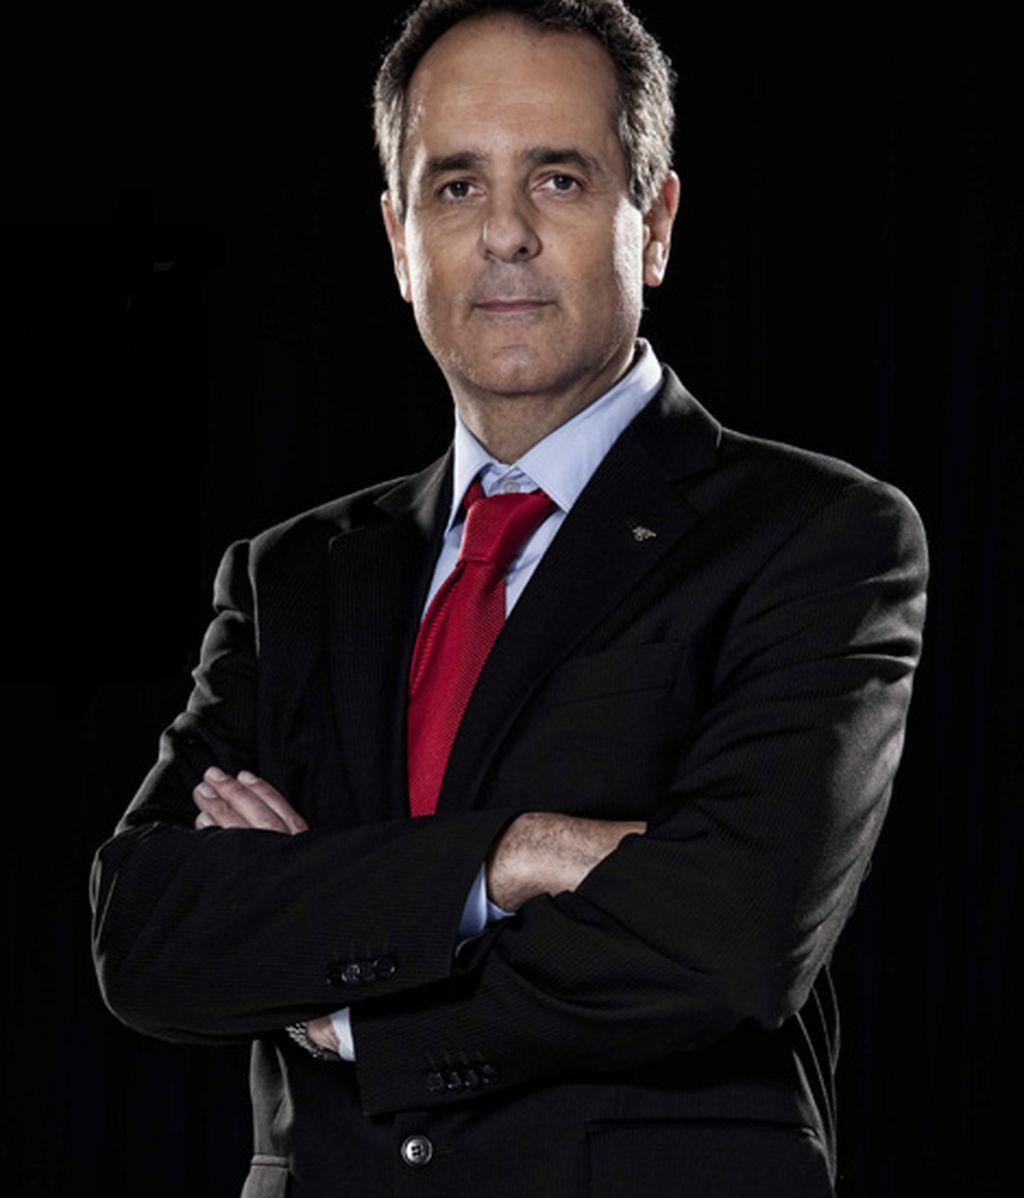 José Antonio Lorente Acosta es catedrático forense